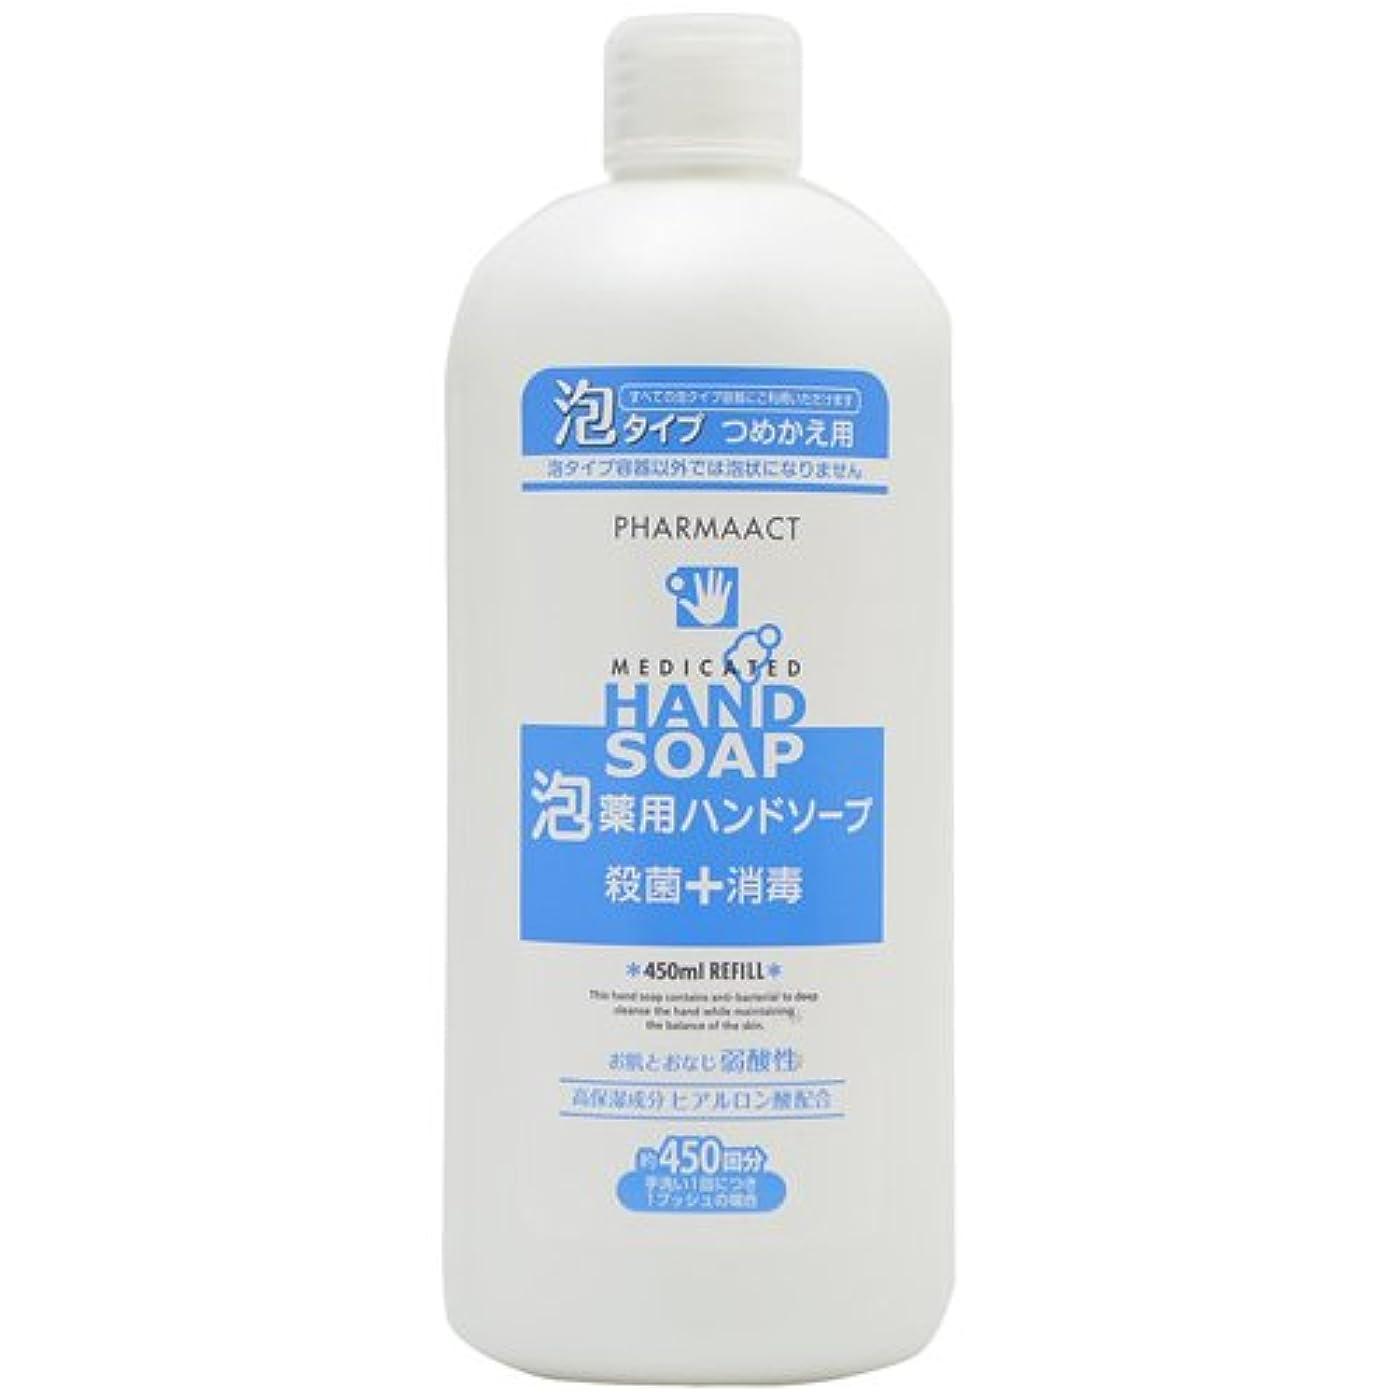 概念筋肉の小麦粉熊野油脂 ファーマアクト 薬用泡ハンドソープ つめかえ用 450ml×24点セット (4513574017603)